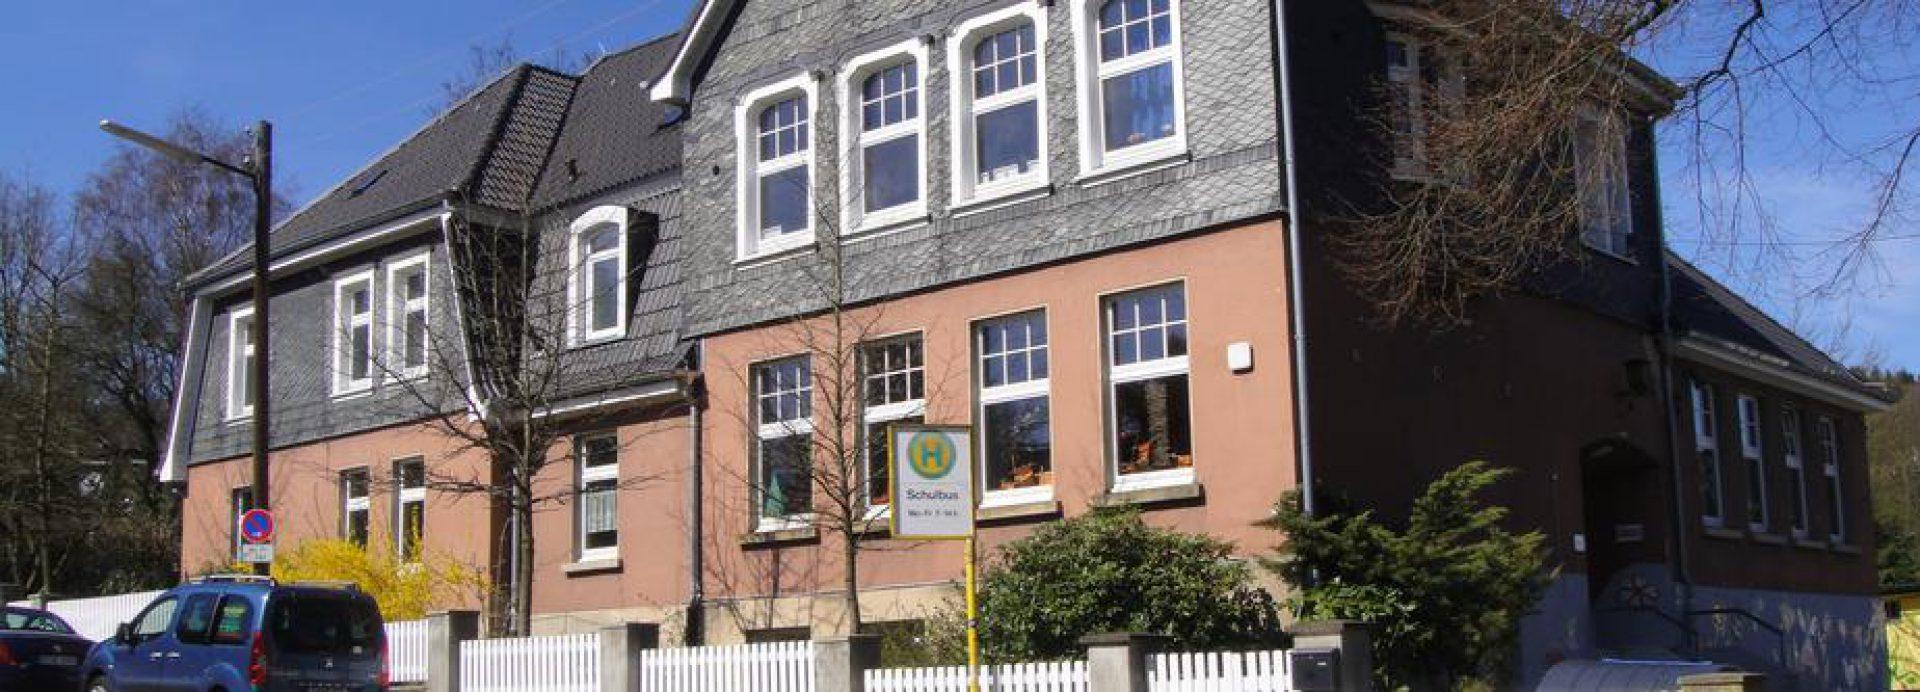 Schulverein-Hammesberg e.V.